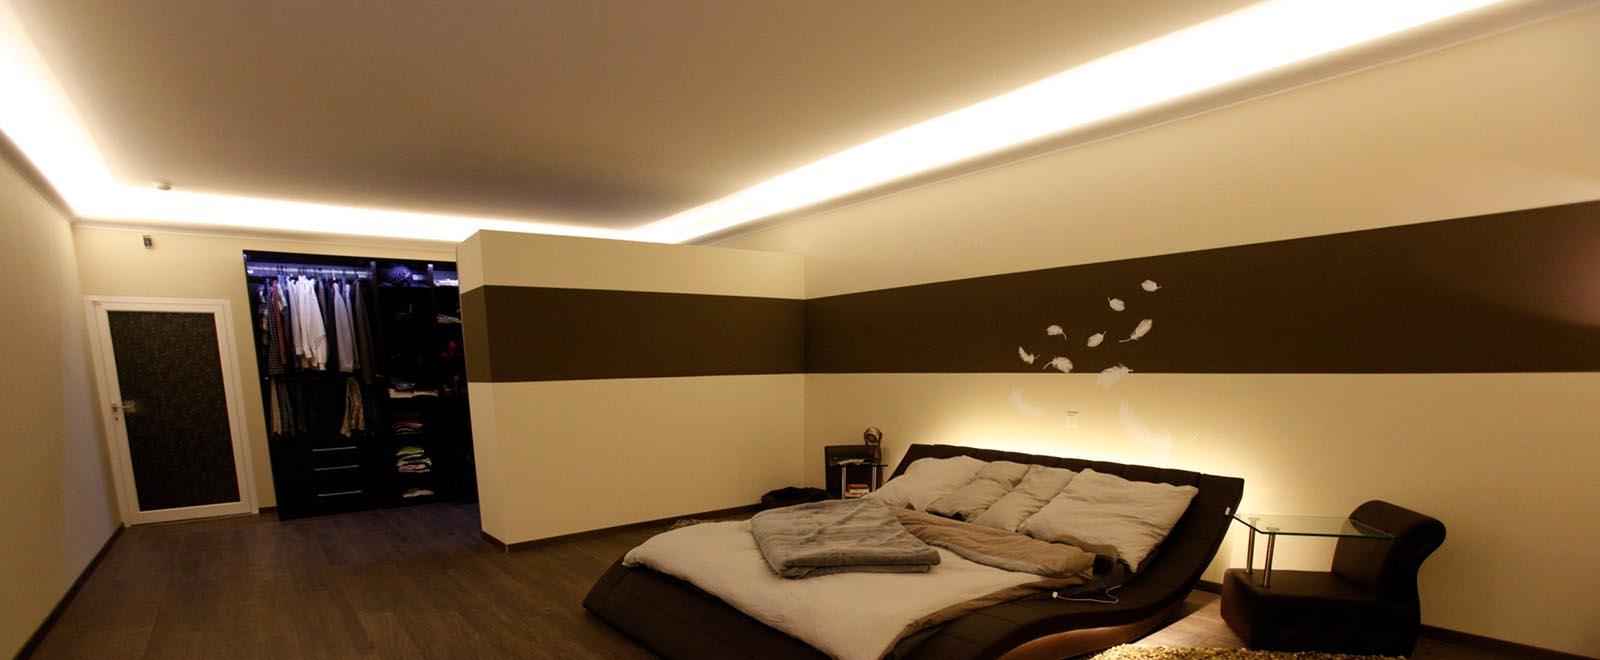 Full Size of Indirekte Beleuchtung Im Schlafzimmer Schne Ideen Bendu Deckenlampen Für Wohnzimmer Led Deckenleuchte Schöne Betten Deckenstrahler Modern Decken Deckenlampe Wohnzimmer Schöne Decken